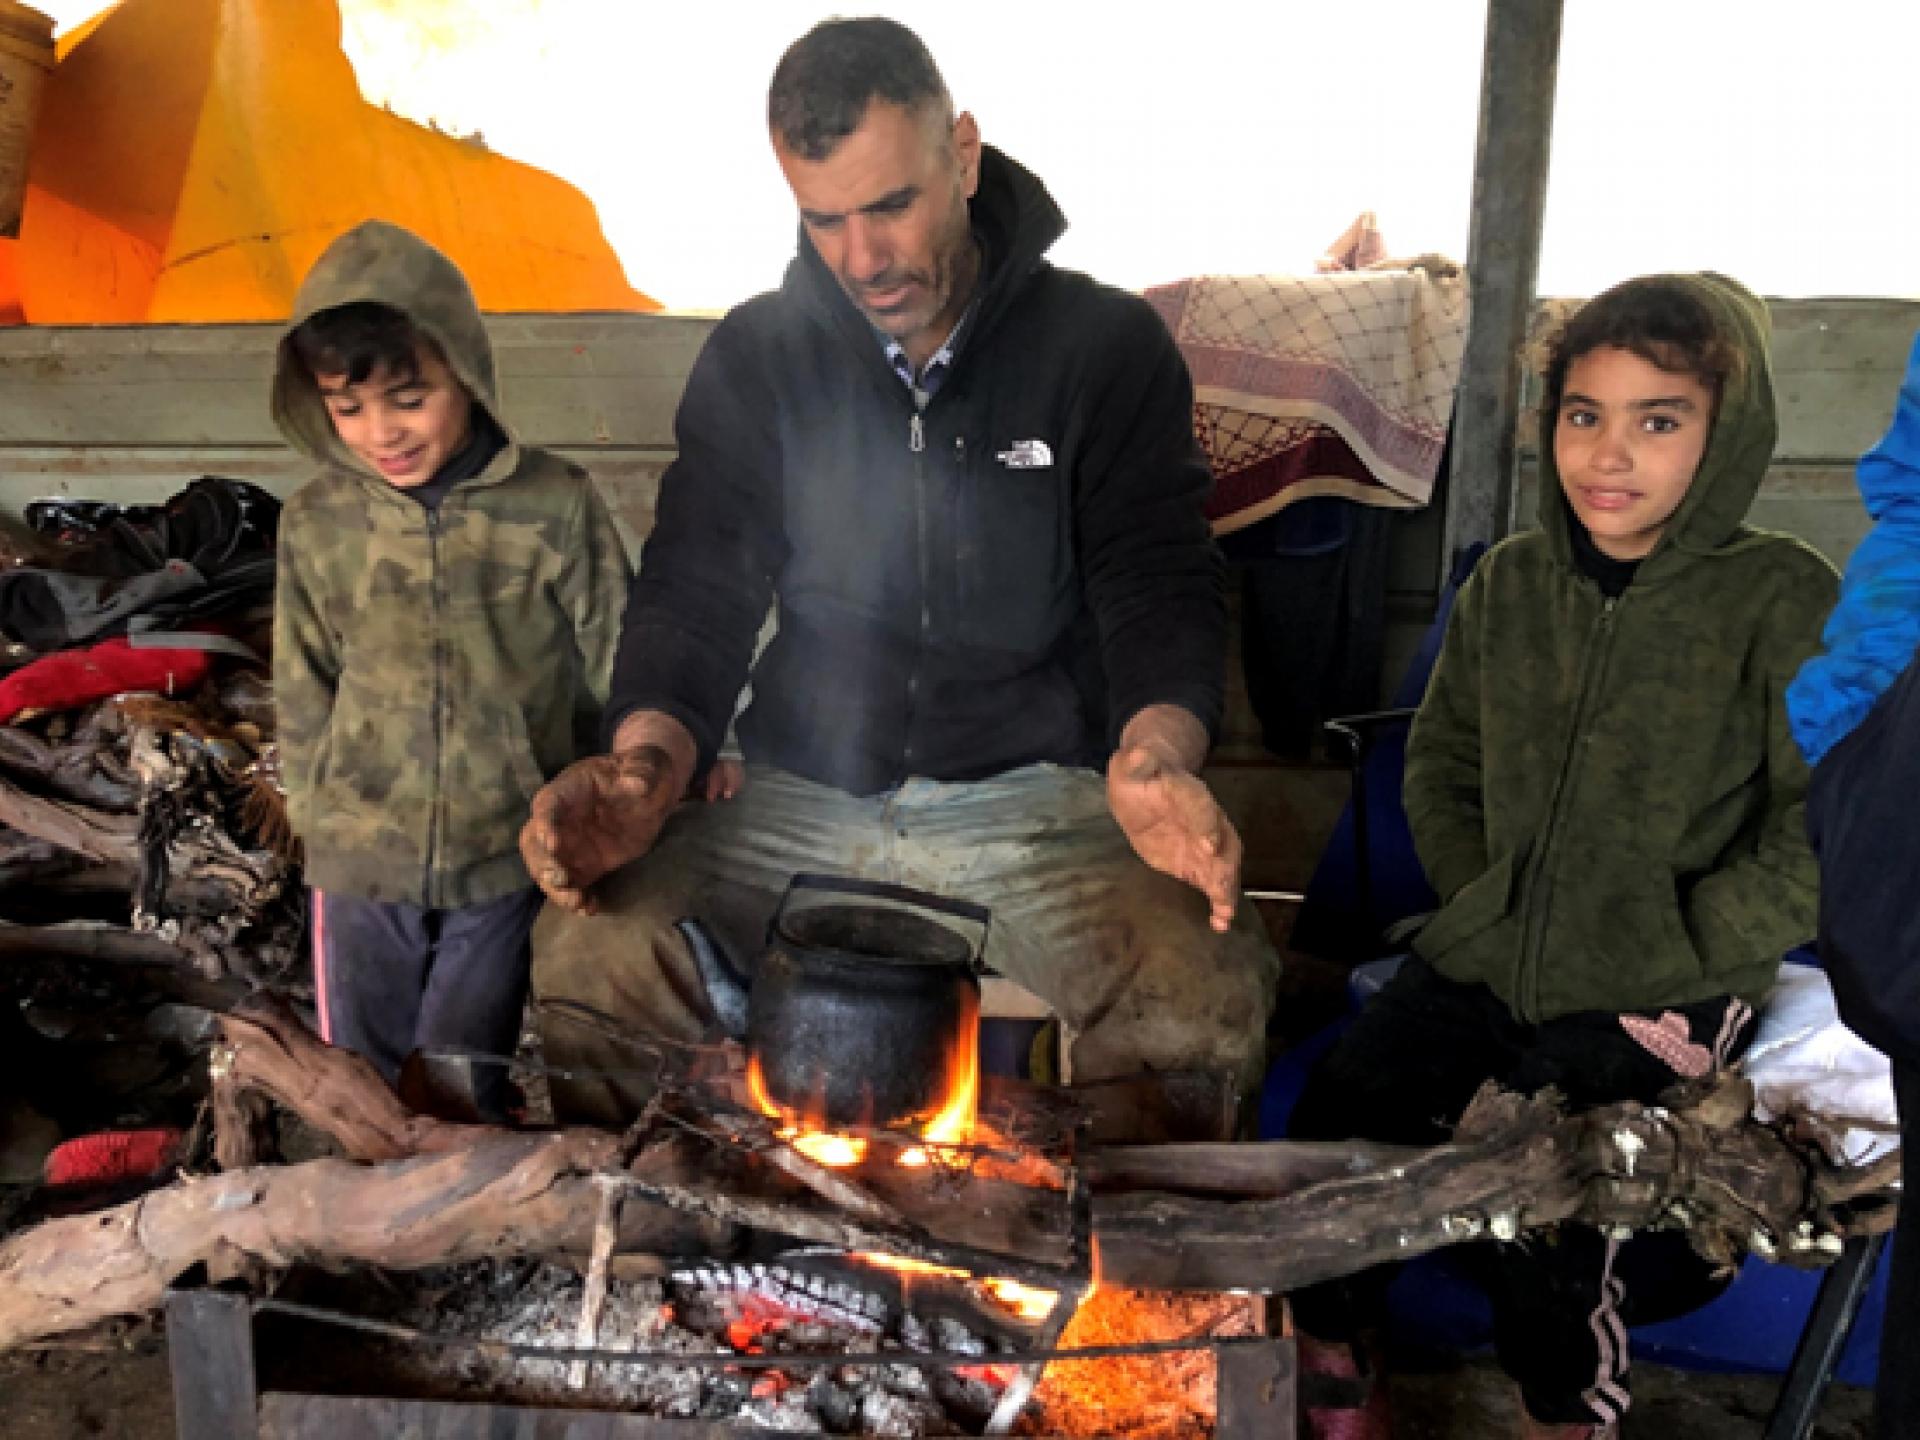 אב וילדיו מתחממים בתוך האוהל ליד תנור של גחלים בוערות